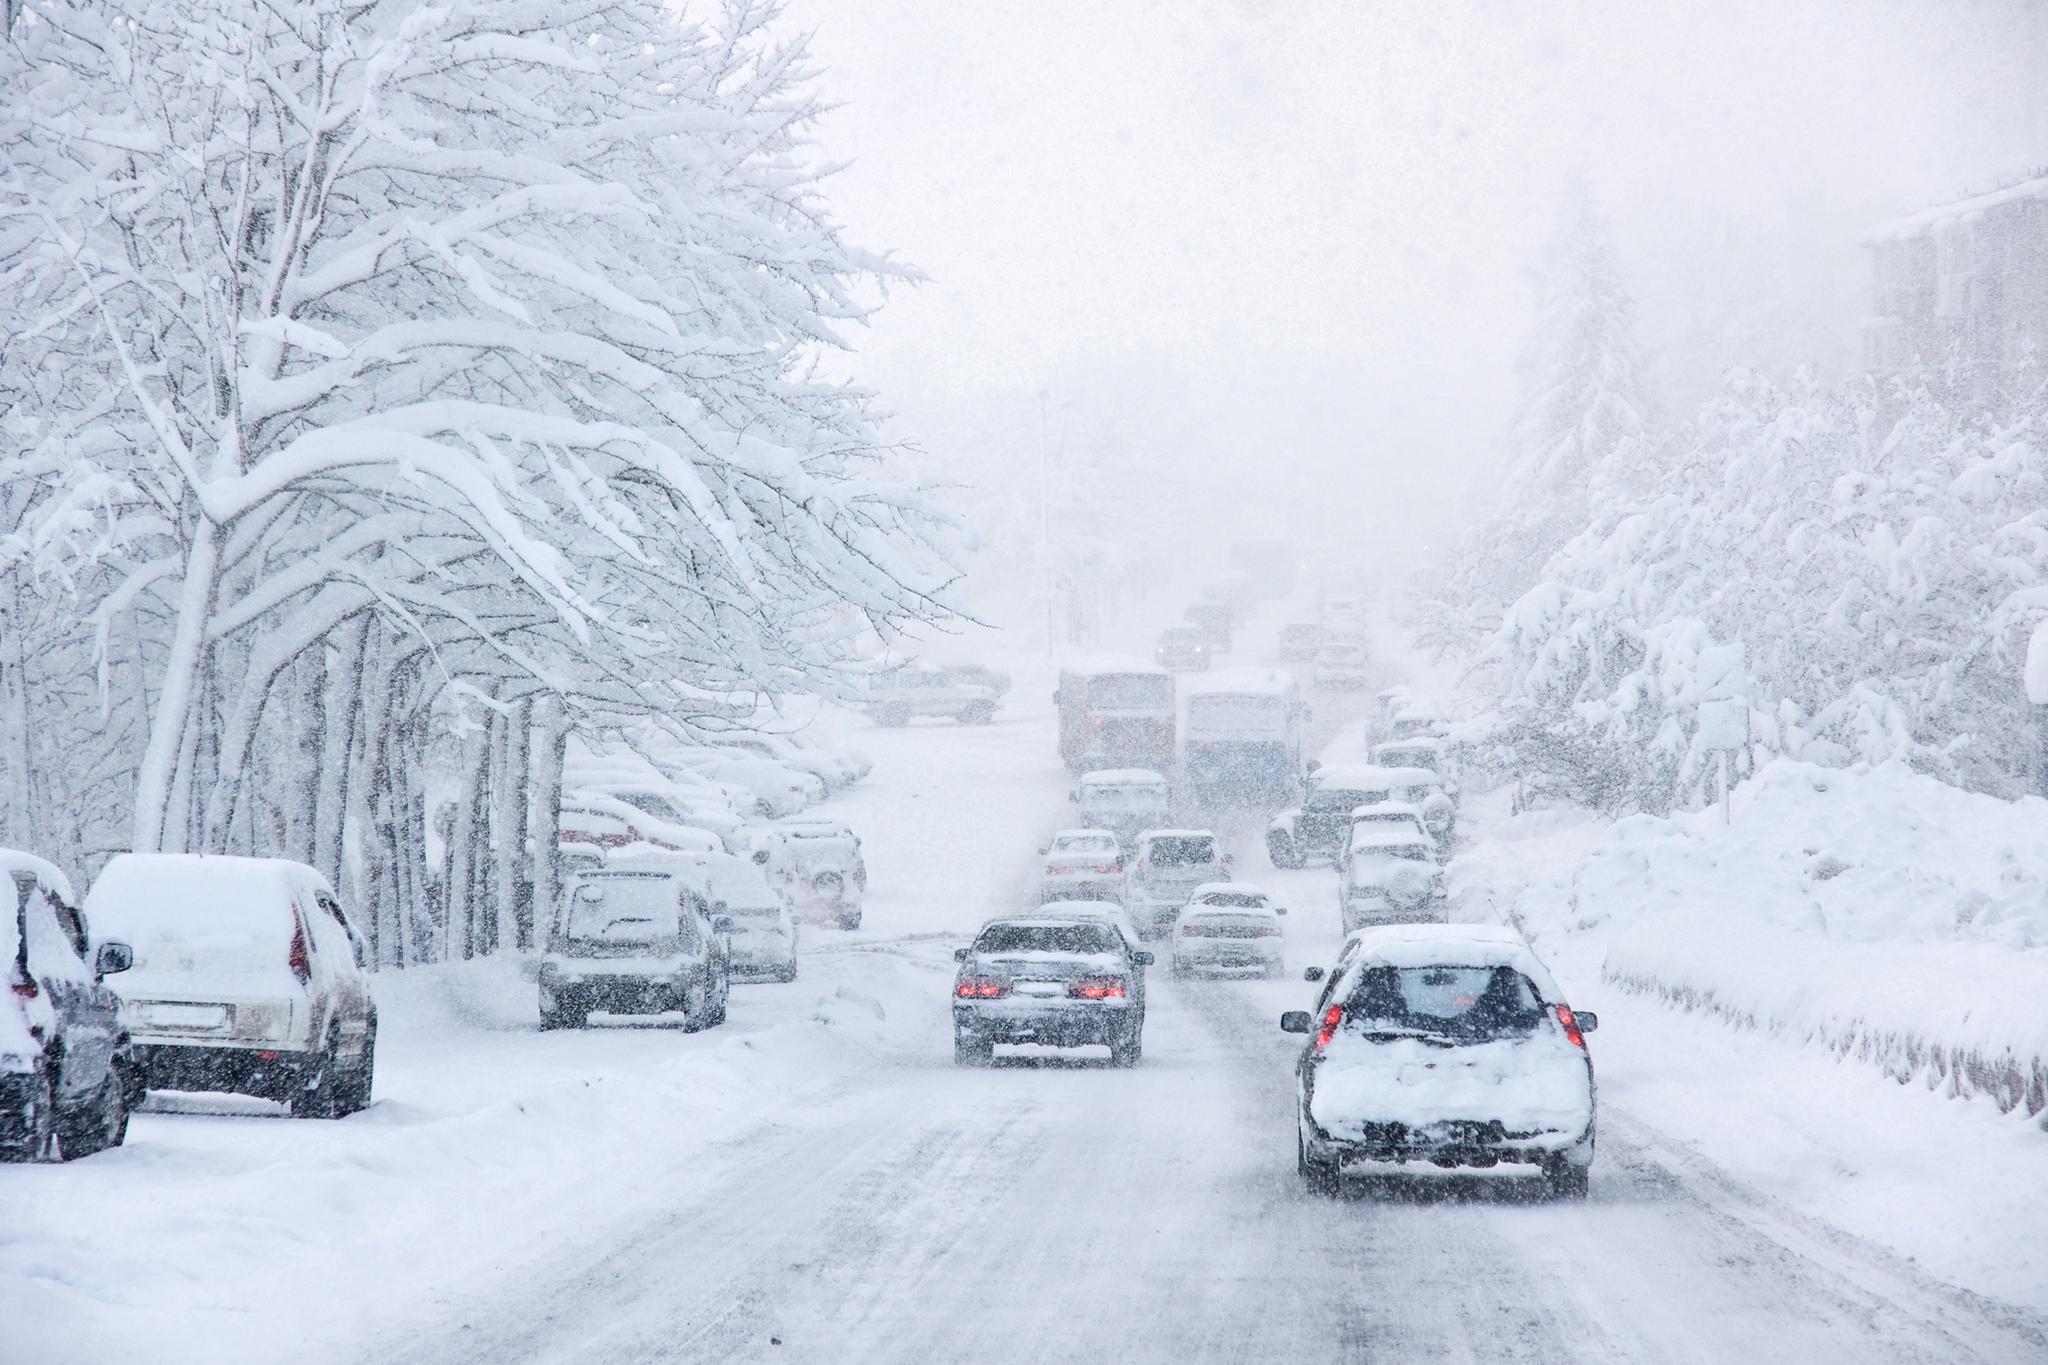 Wetter in Deutschland: Nächste Woche kommen Minusgrade und sogar Schnee!